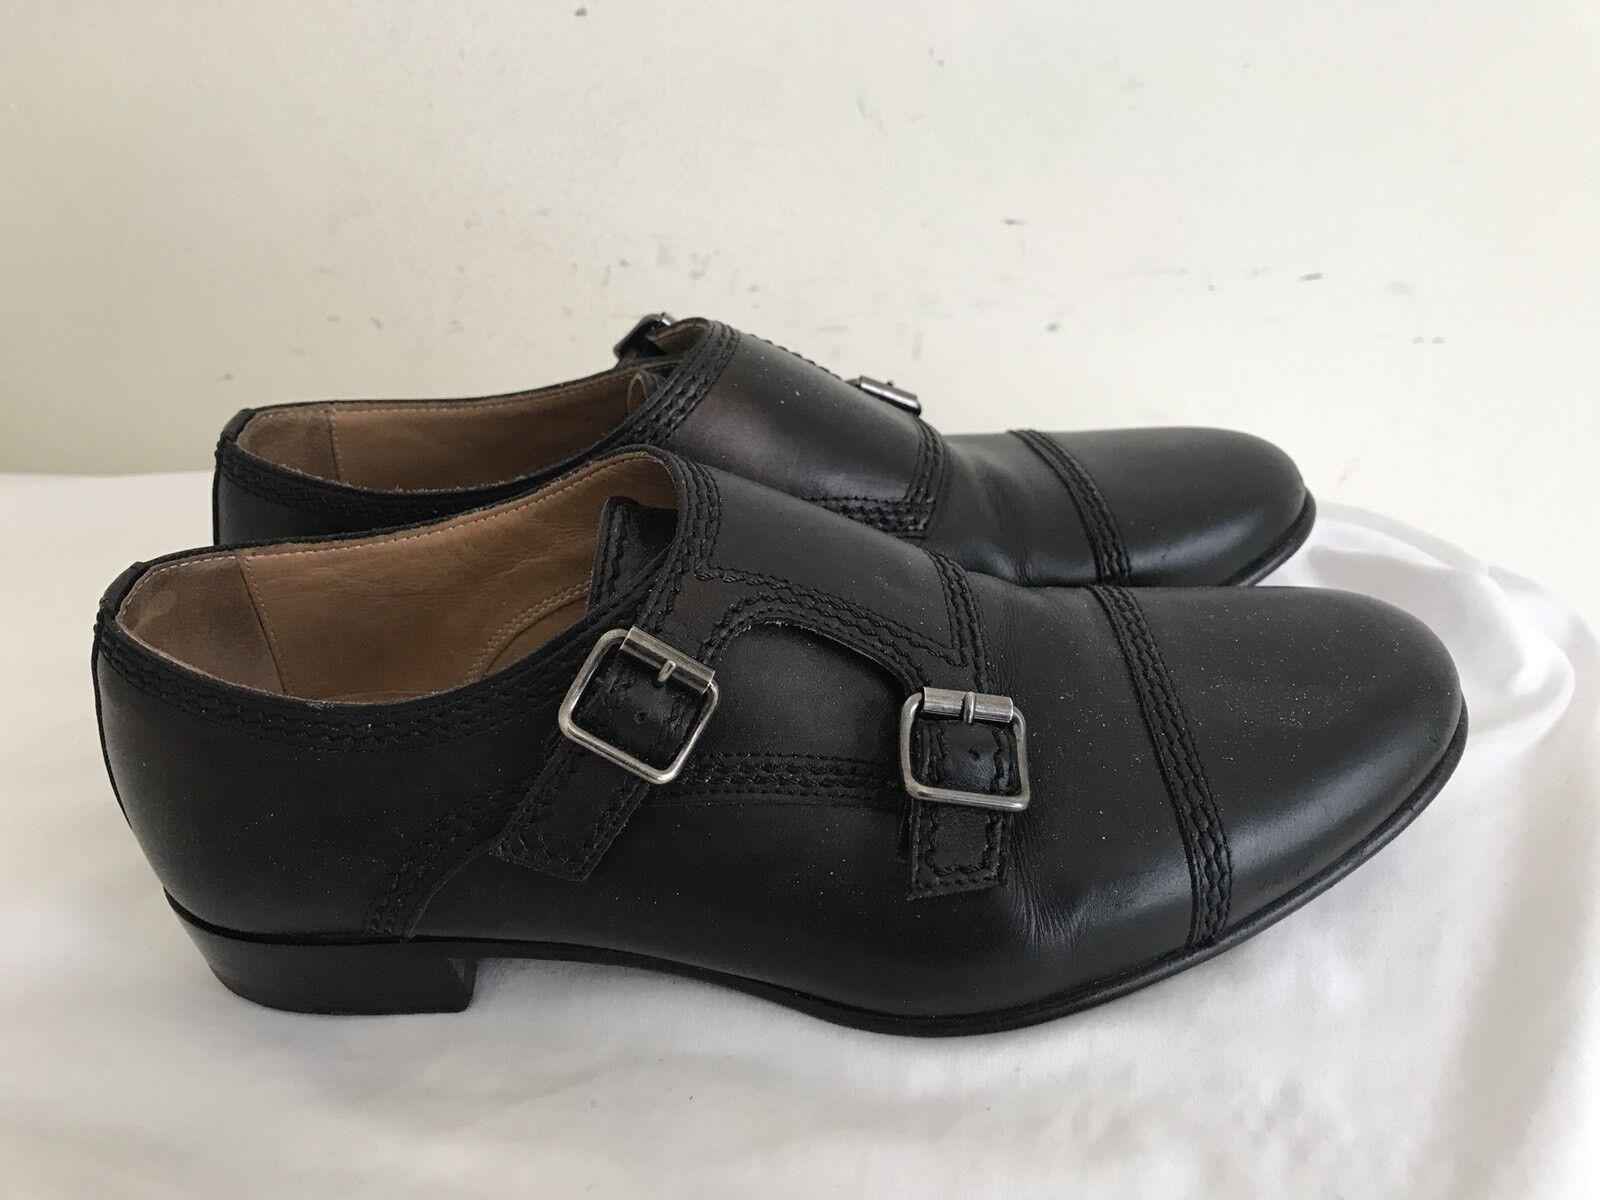 a prezzi accessibili Lanvin nero Leather  Monk Monk Monk Strap Cap Toe Oxfords SZ 37 1 2   promozioni eccitanti